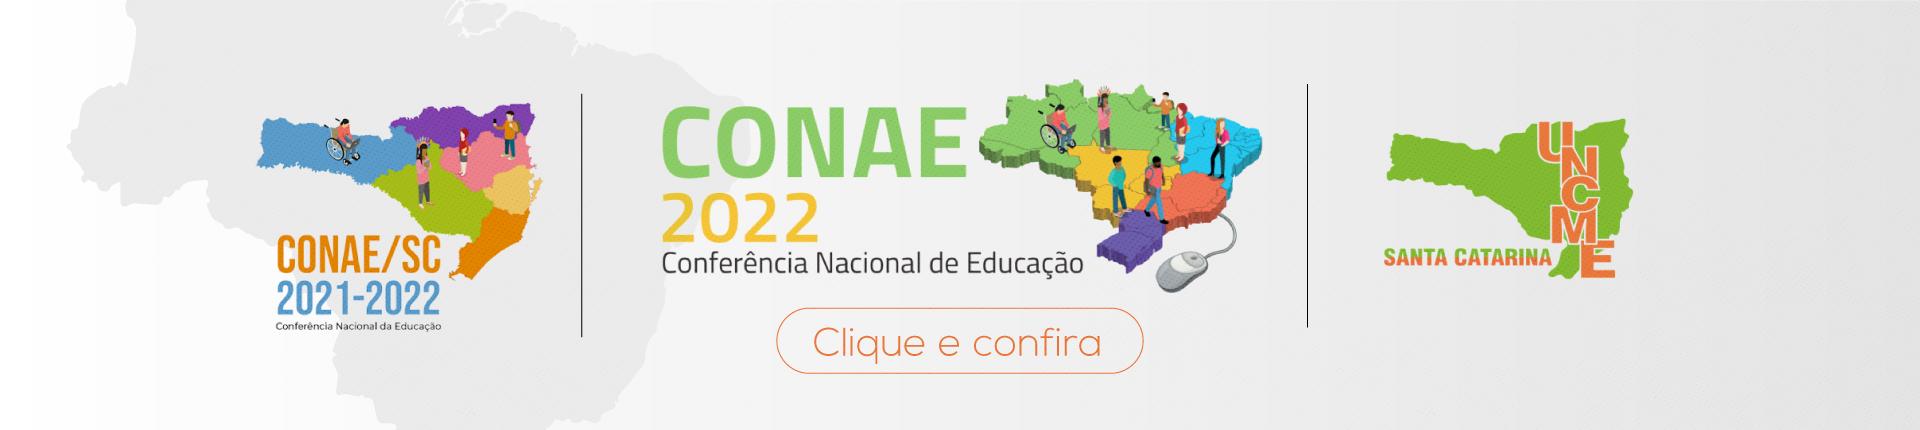 CONAE 2022